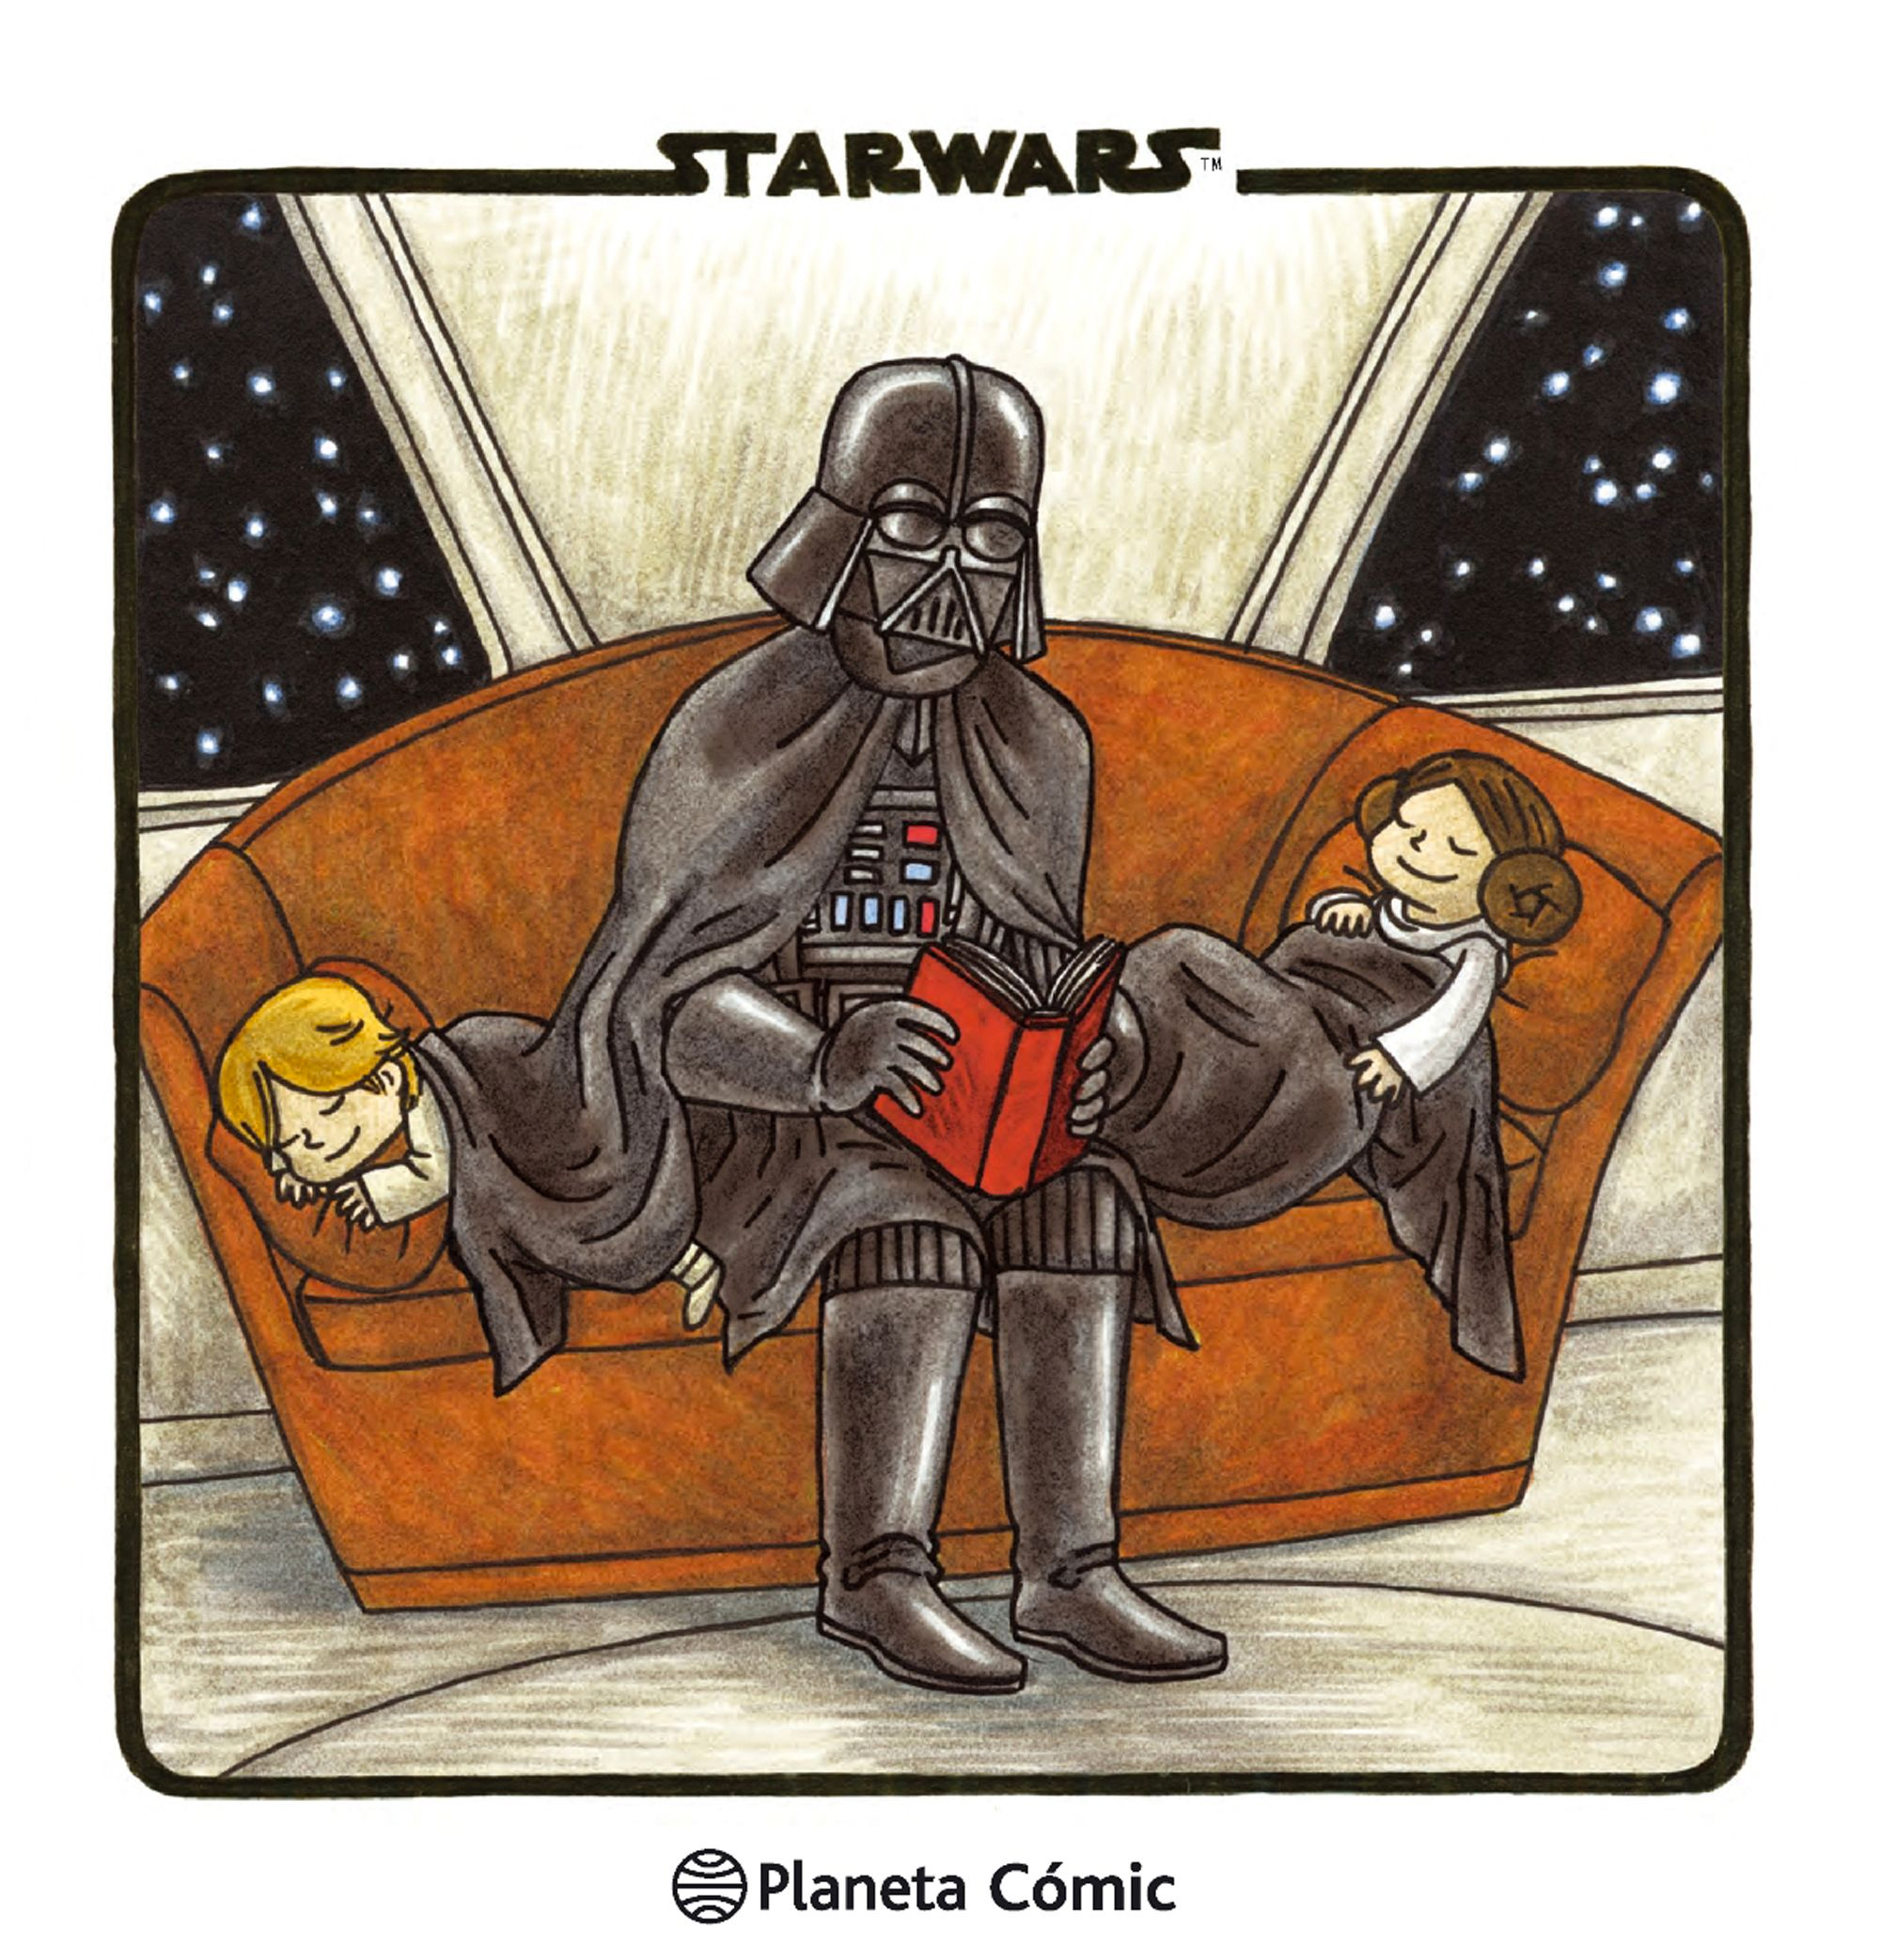 Libros Star Wars: Darth Vader e Hijos